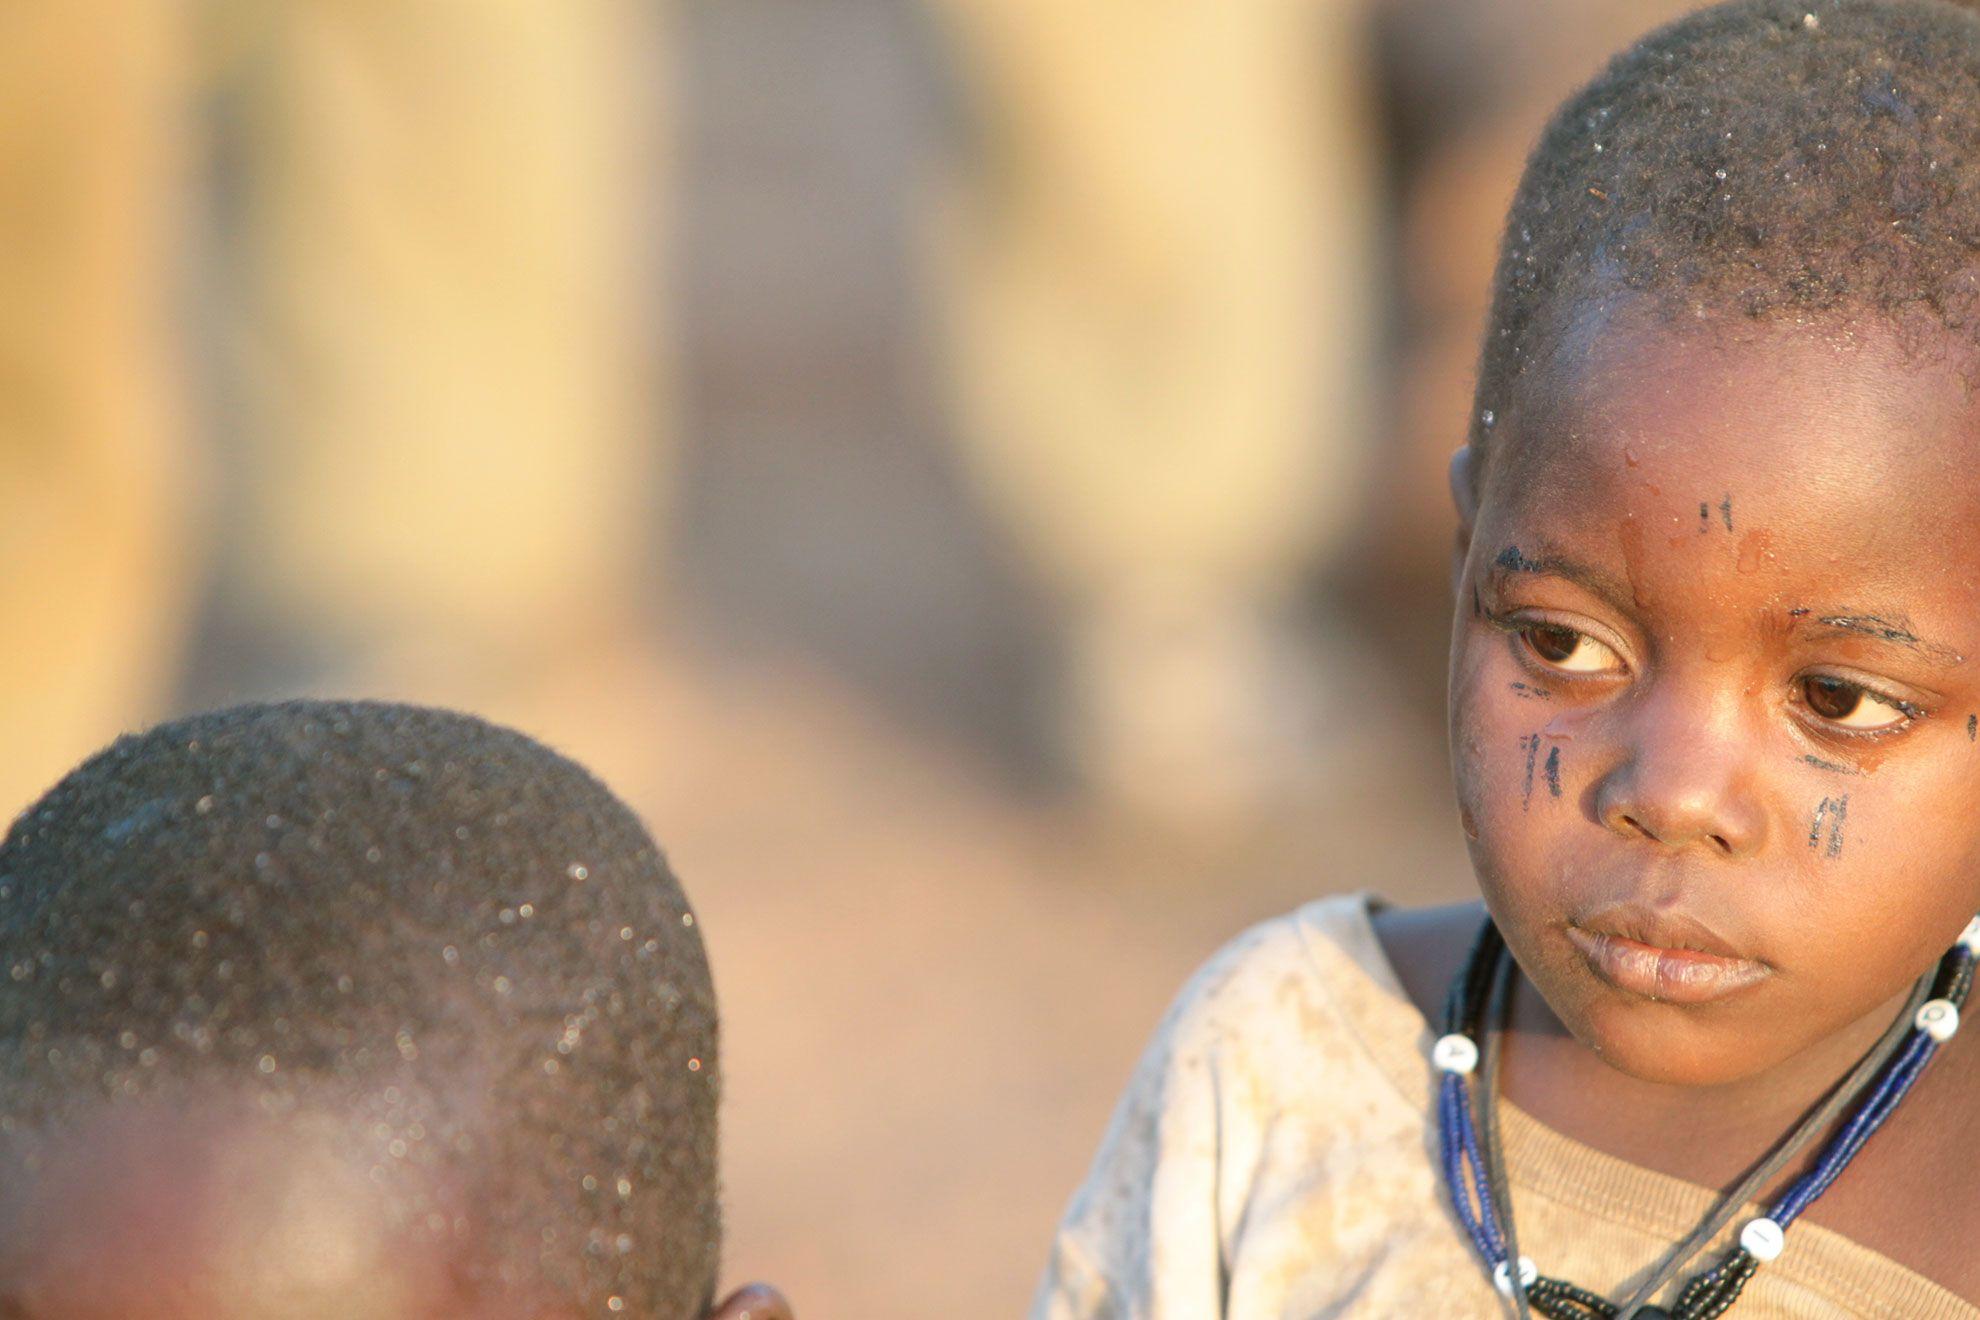 Wir sind die Generation, die den Hunger beenden kann ___ https://www.aktiongegendenhunger.de/spenden/dauerspende?amount=0